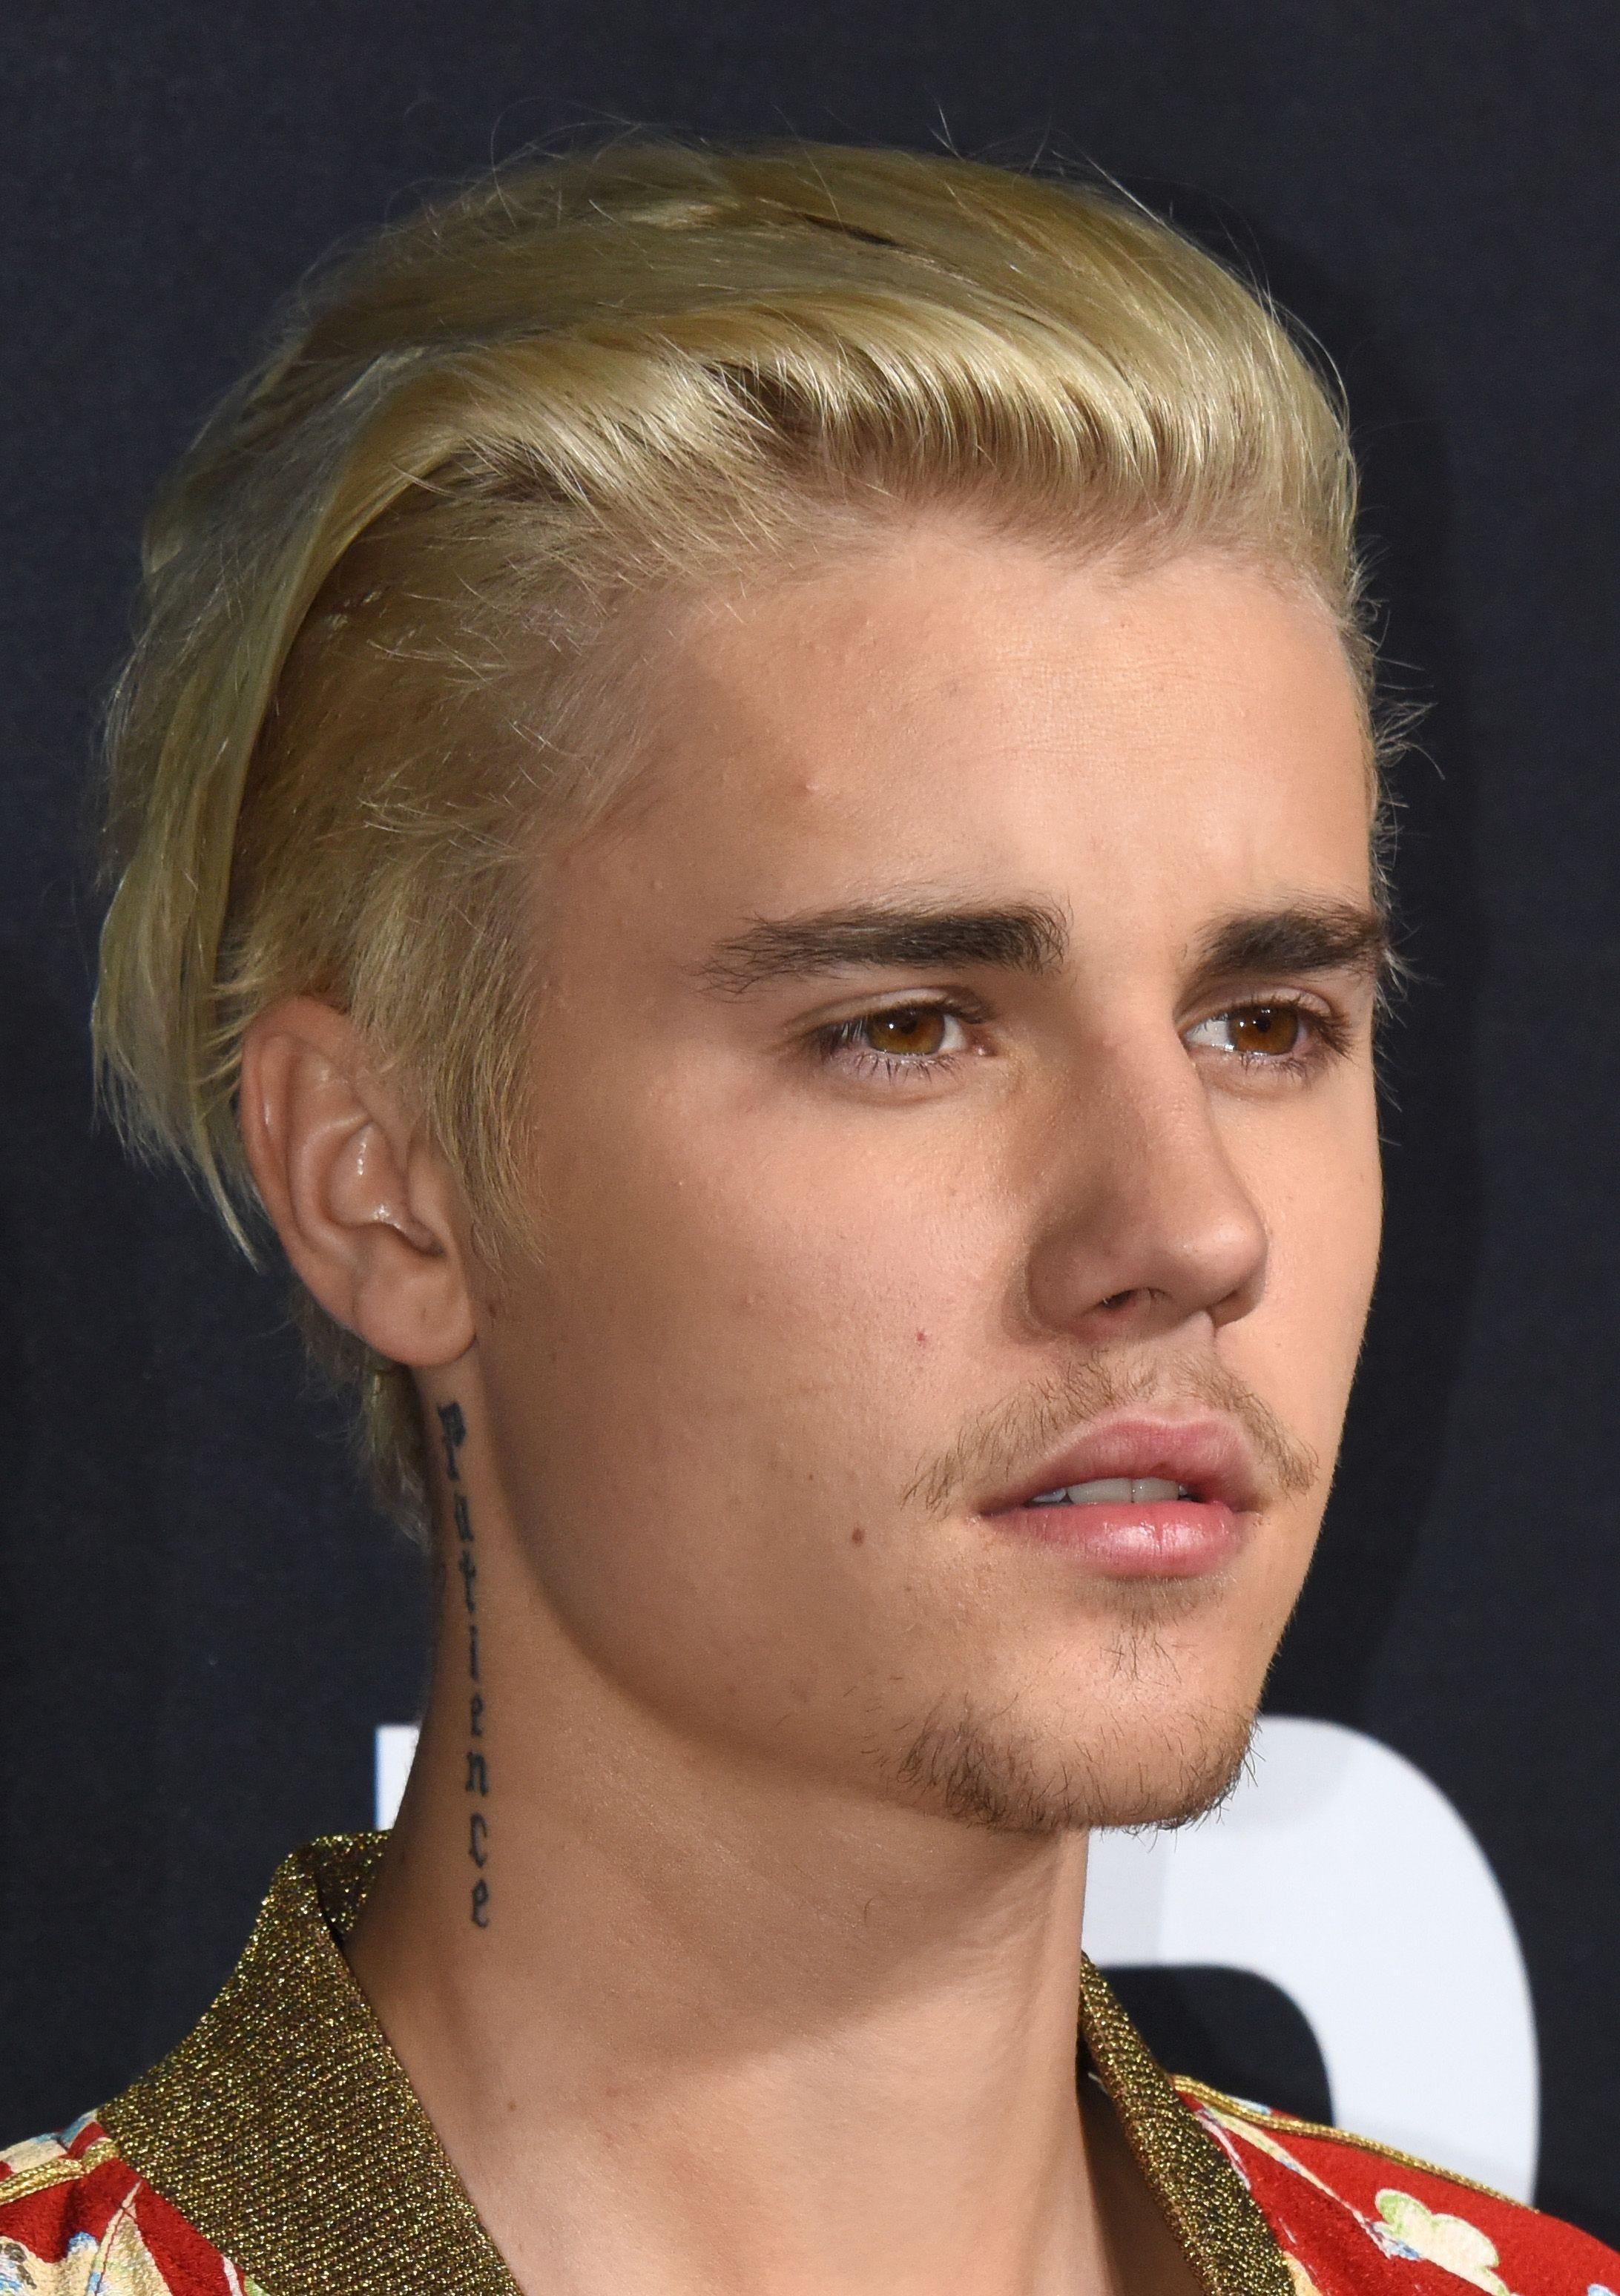 Justin Bieber posts emotional, God-filled message: 'I haven't believed I am loved'